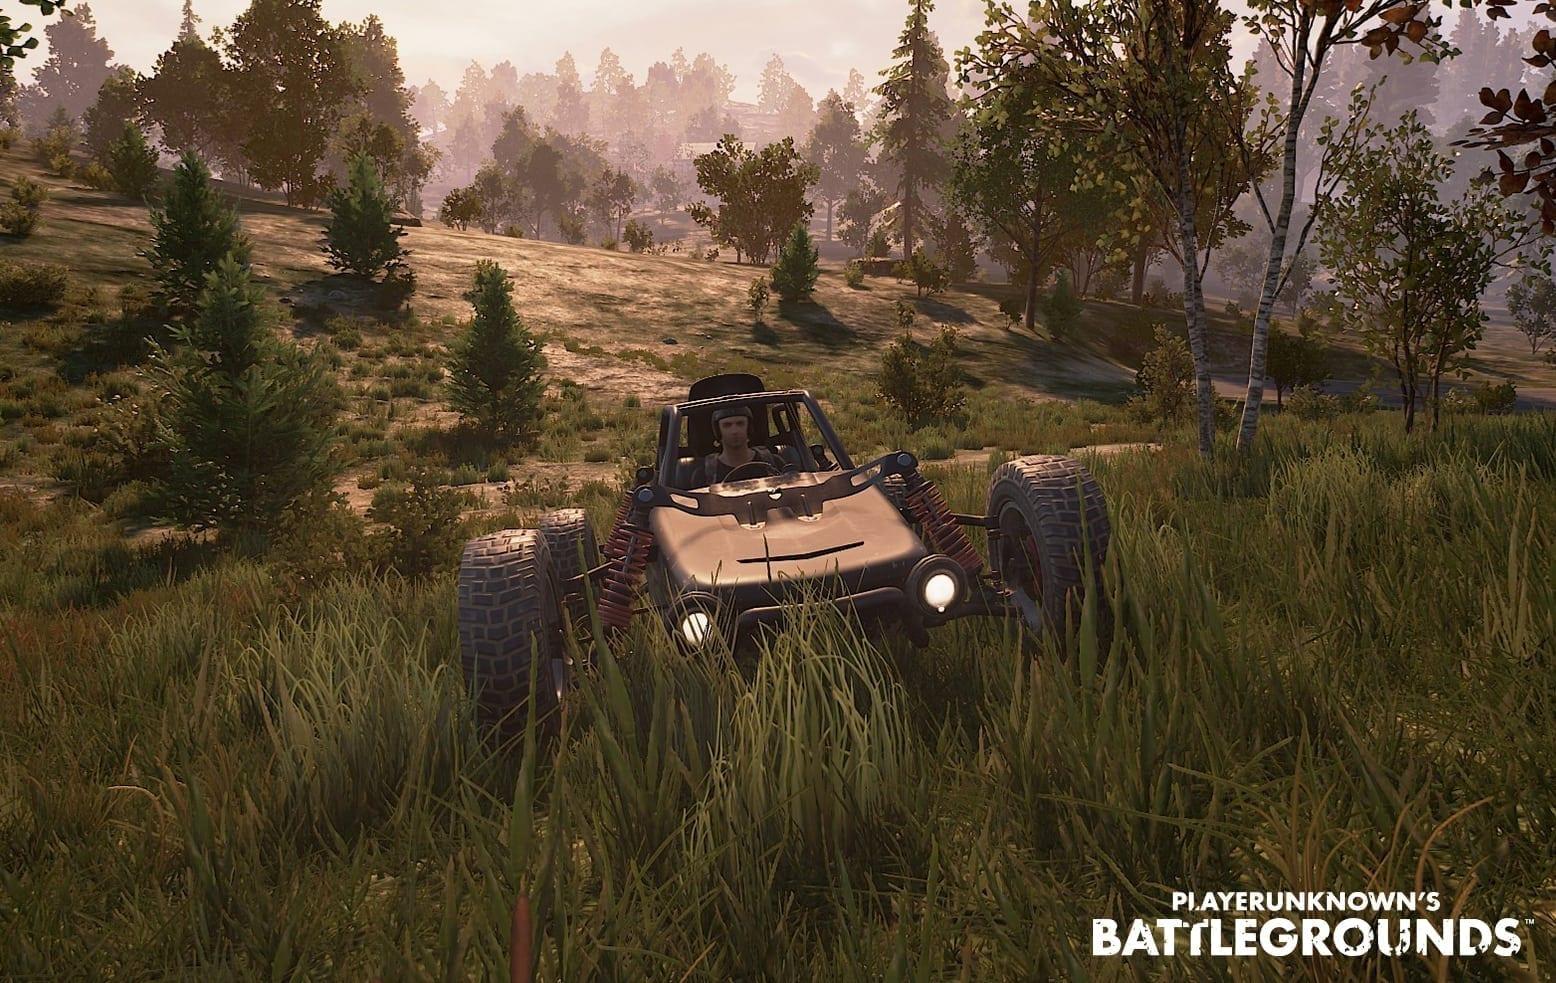 Playerunknown's Battlegrounds screenshot 2